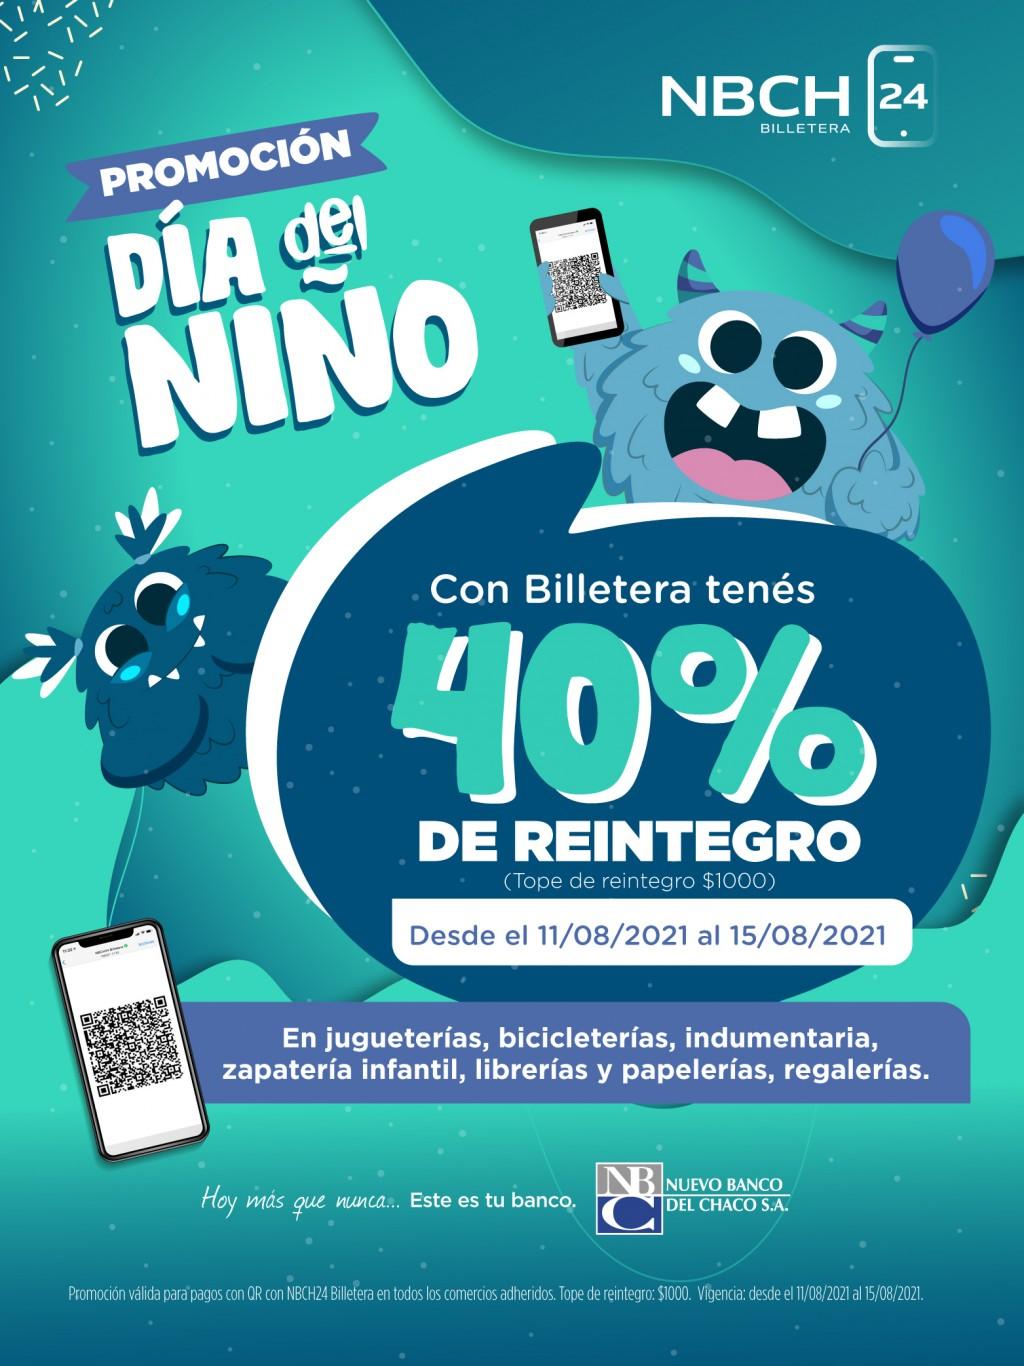 Billetera NBCH24: 40% de reintegro por el Día de la niñez